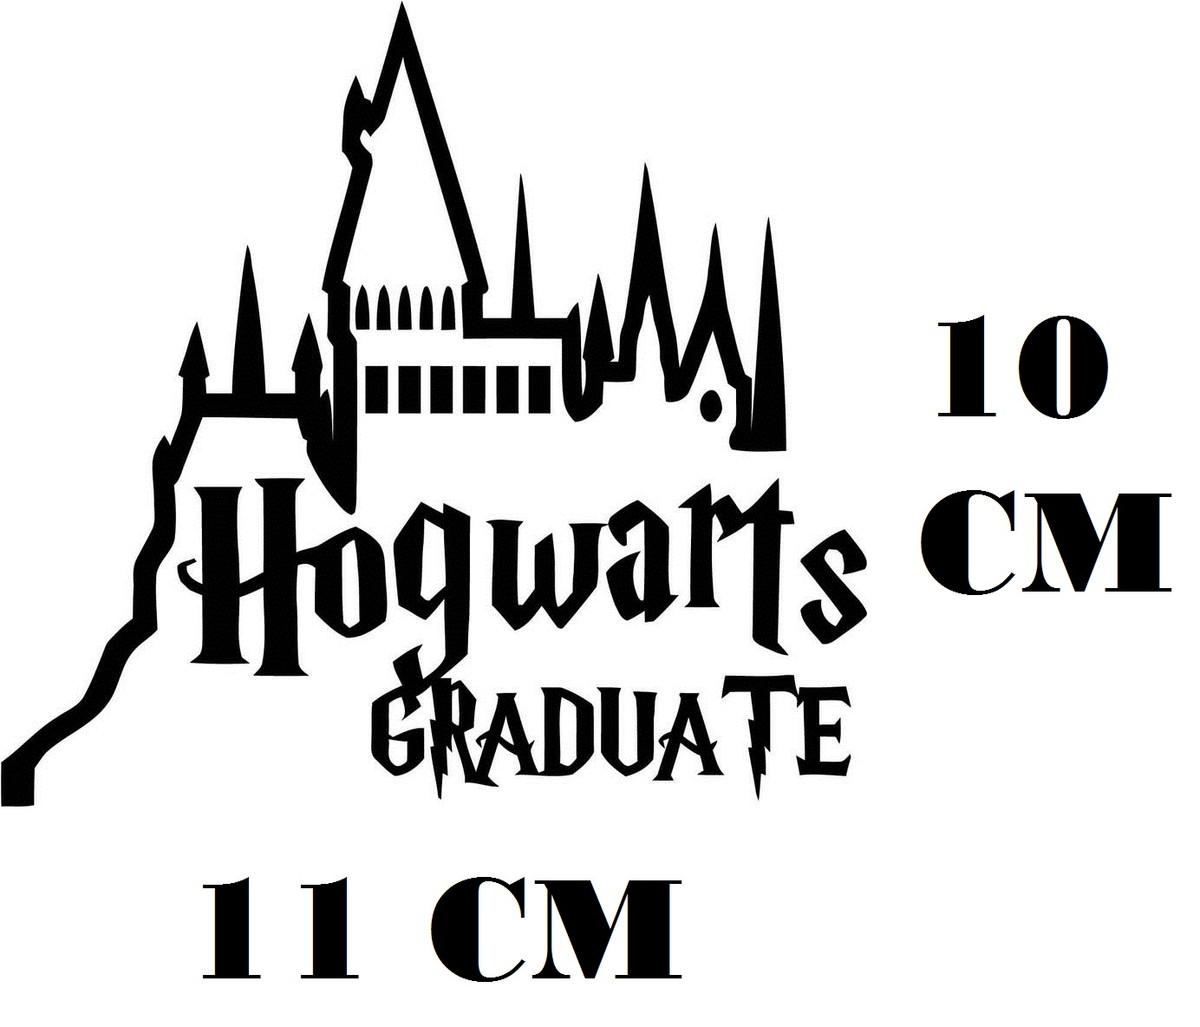 Adesivo Hogwarts Graduate Harry Potter Frete Gratis No